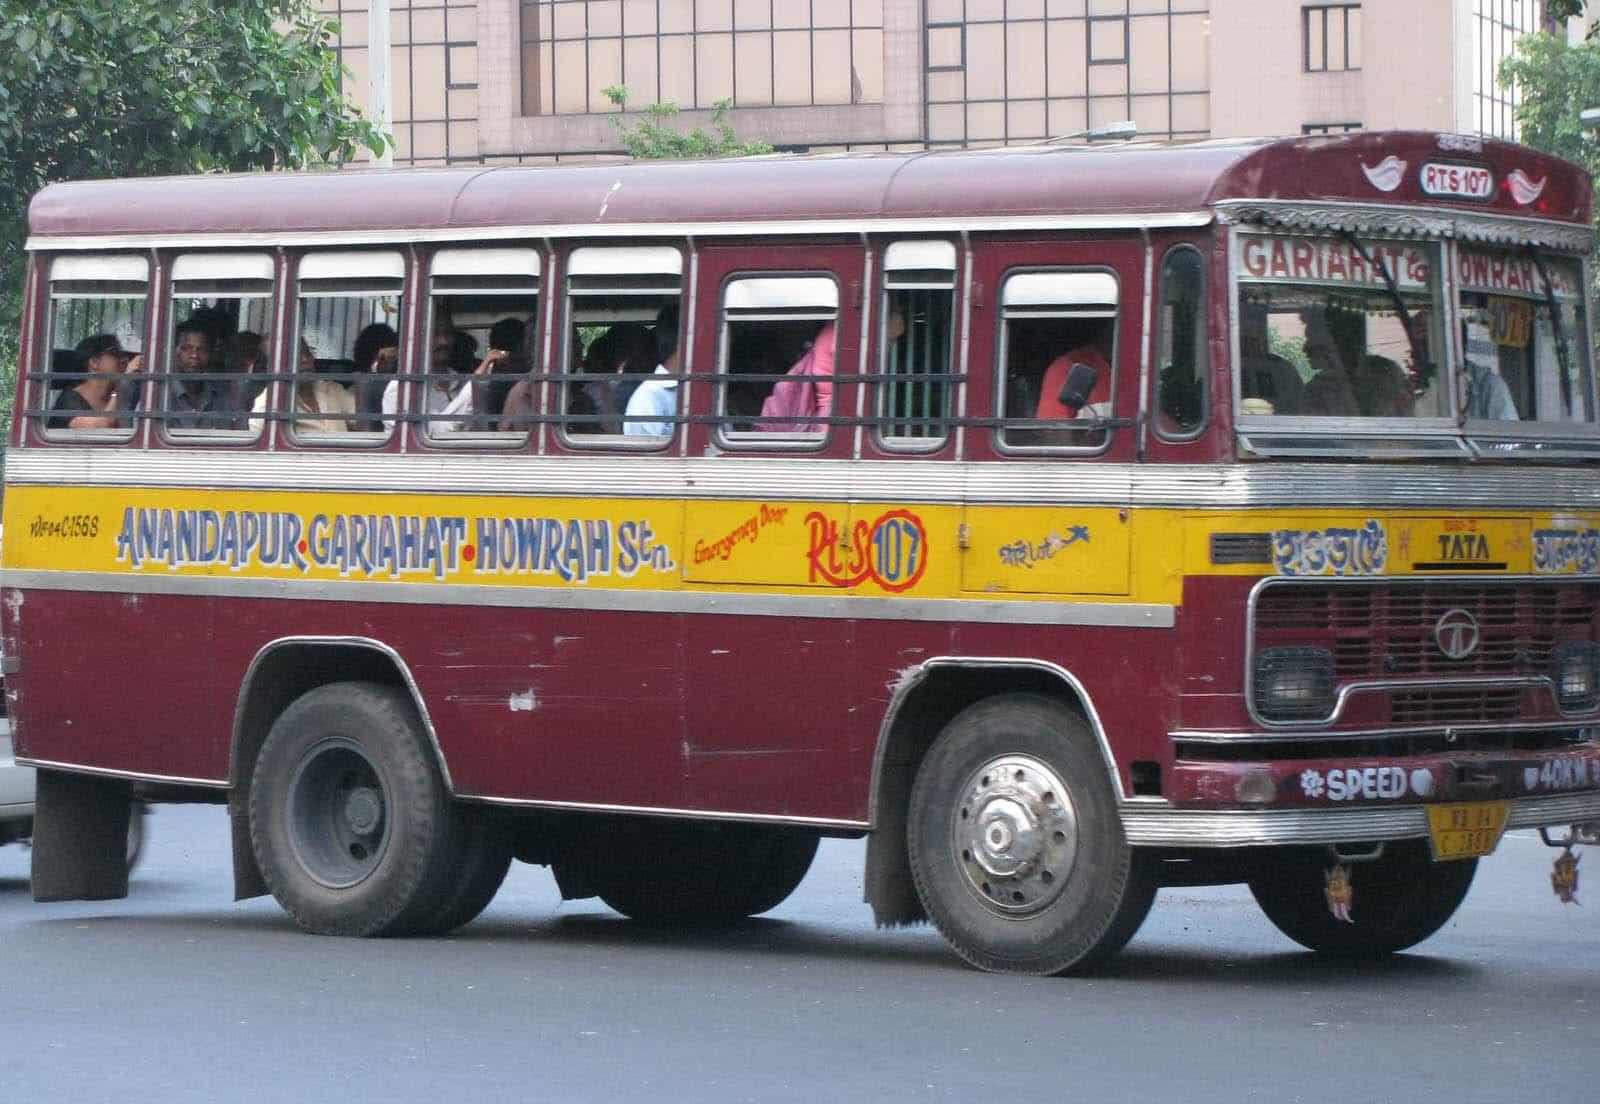 印度城市介紹-加爾各答市(Kolkata)基本介紹篇